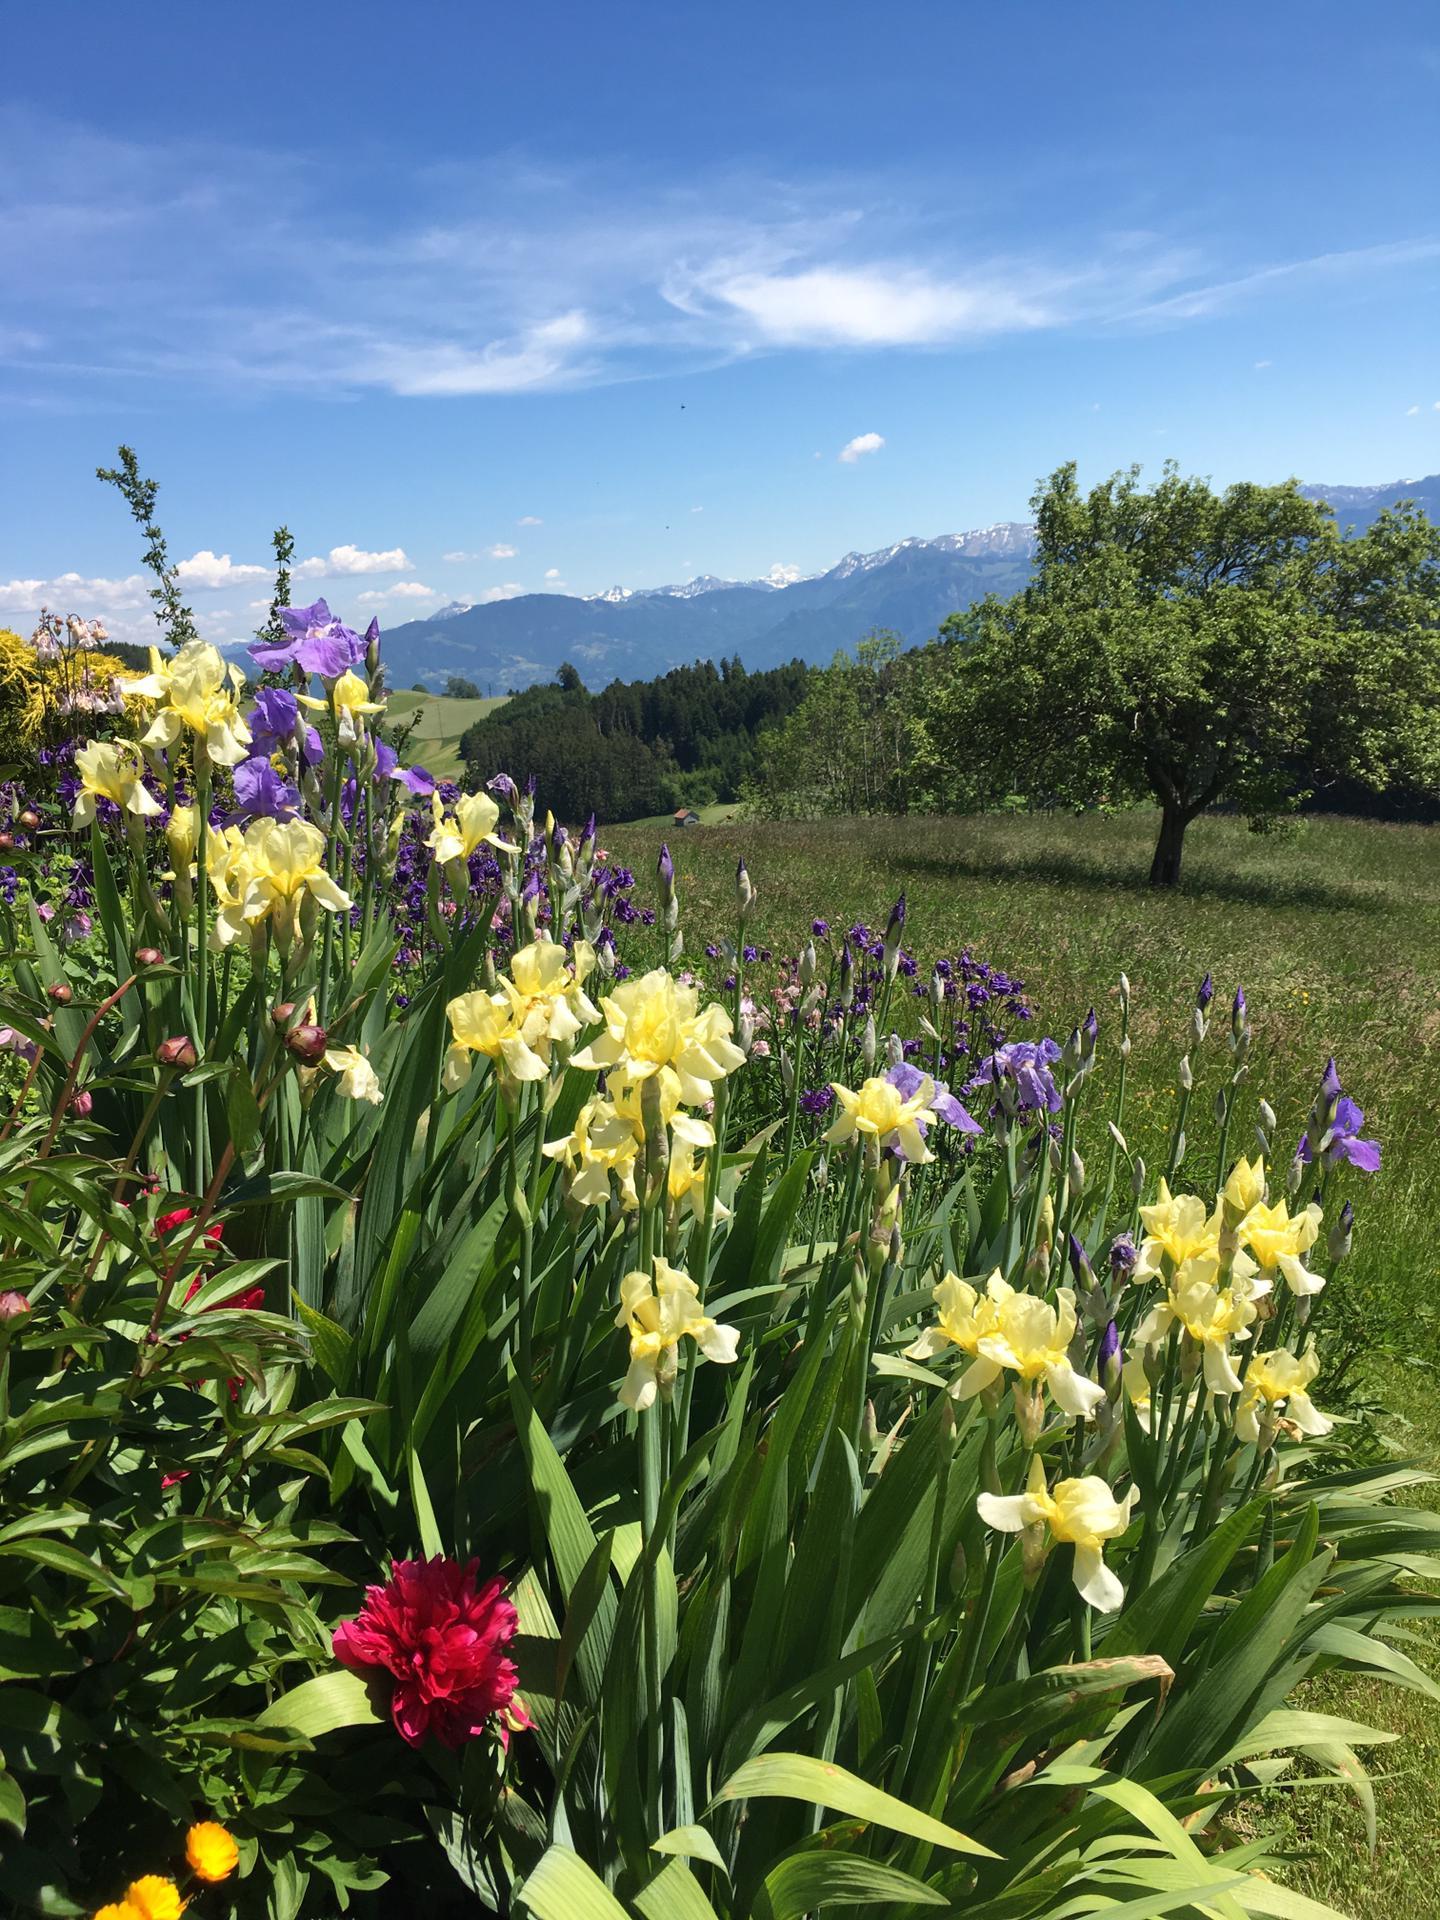 der wunderschöne Blumengarten